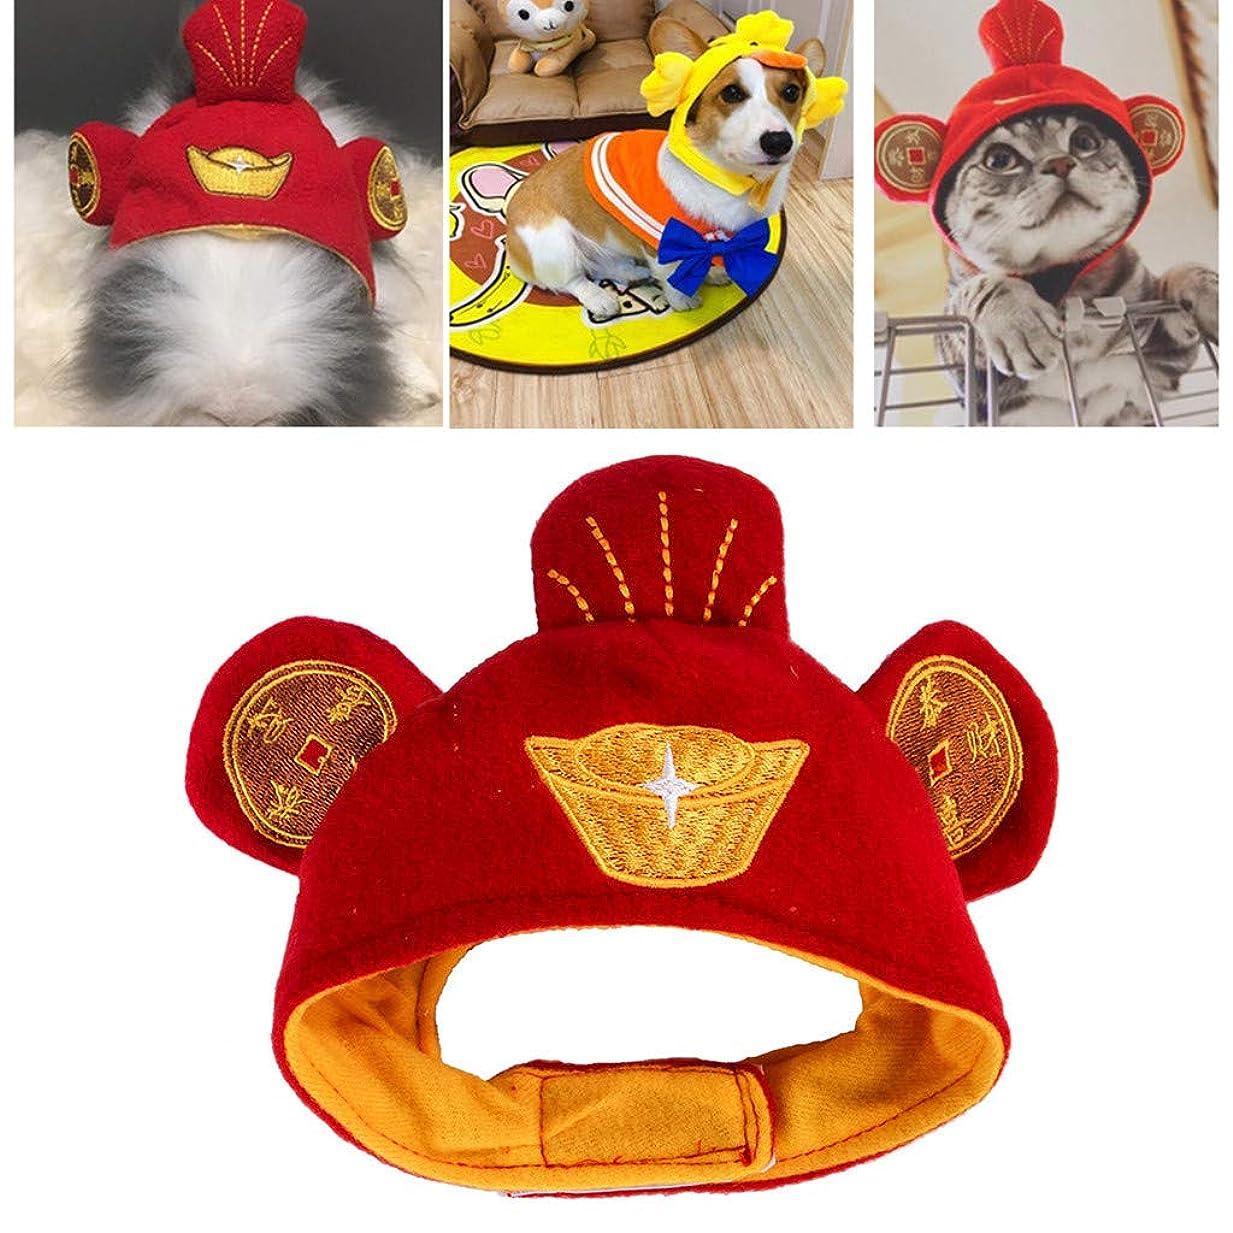 違法奇妙なダイアクリティカルペットの頭飾り ペットフード 猫の子犬は帽子ターバンに変身可愛い 姫系 蝶結び お祝いドレスアップ[リトルエンジェル サンフラワー タイガー 富の神 ラッキーキャット あひる] (レッド)